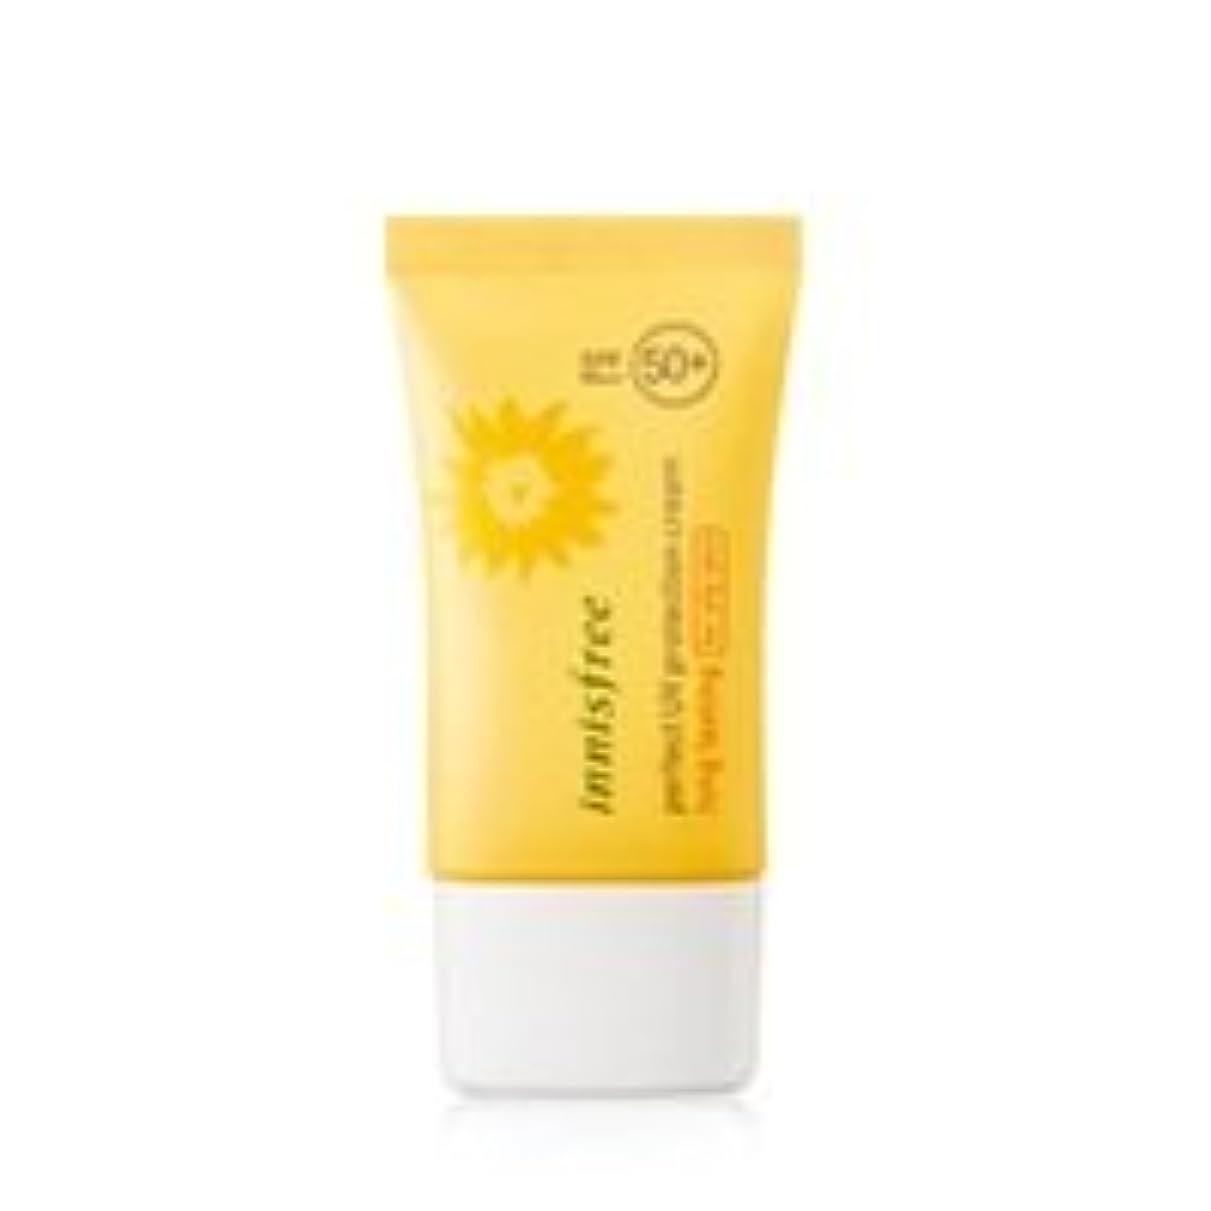 駐地無しダイアクリティカル[NEW] Innisfree Perfect UV Protection Cream Long Lasting 50ml [FOR OILY SKIN] イニスフリー パーフェクトUVプロテクションクリーム ロングラスティング 50ml [FOR OILY SKIN] SPF50+ PA+++ [並行輸入品]